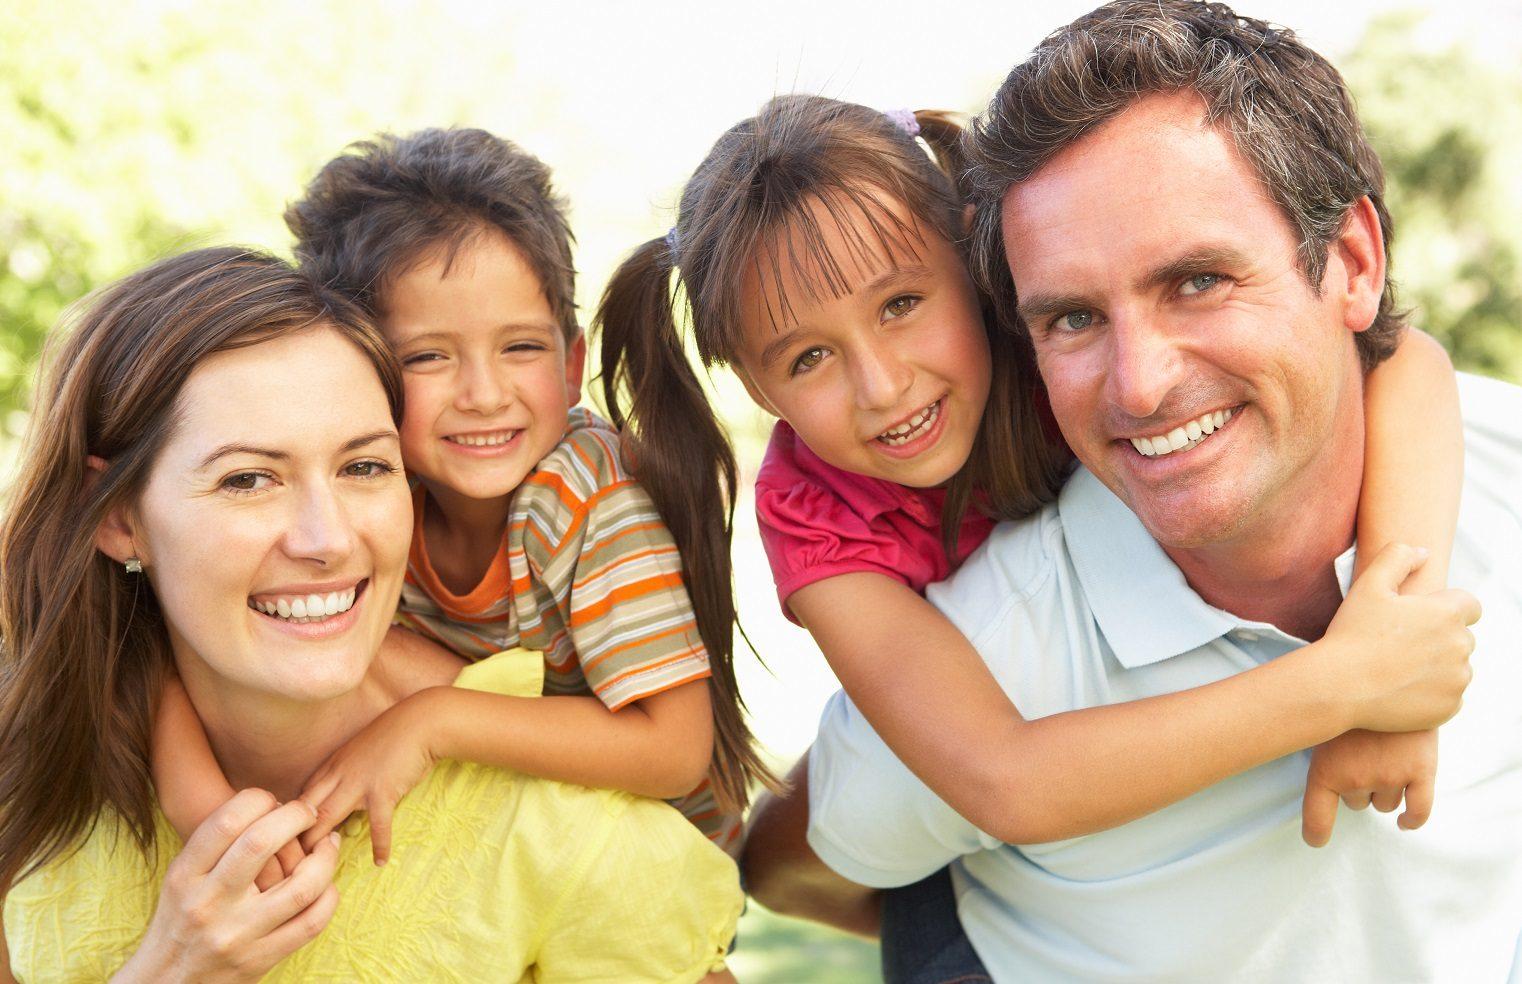 dientes en vacaciones, dentista majadahonda, clínica dental majadahonda, odontólogo majadahonda, odontología majadahonda, higiene bucal majadahonda, salud dental majadahonda, revisión dental majadahonda, limpieza bucal majadahonda, sonrisa majadahonda